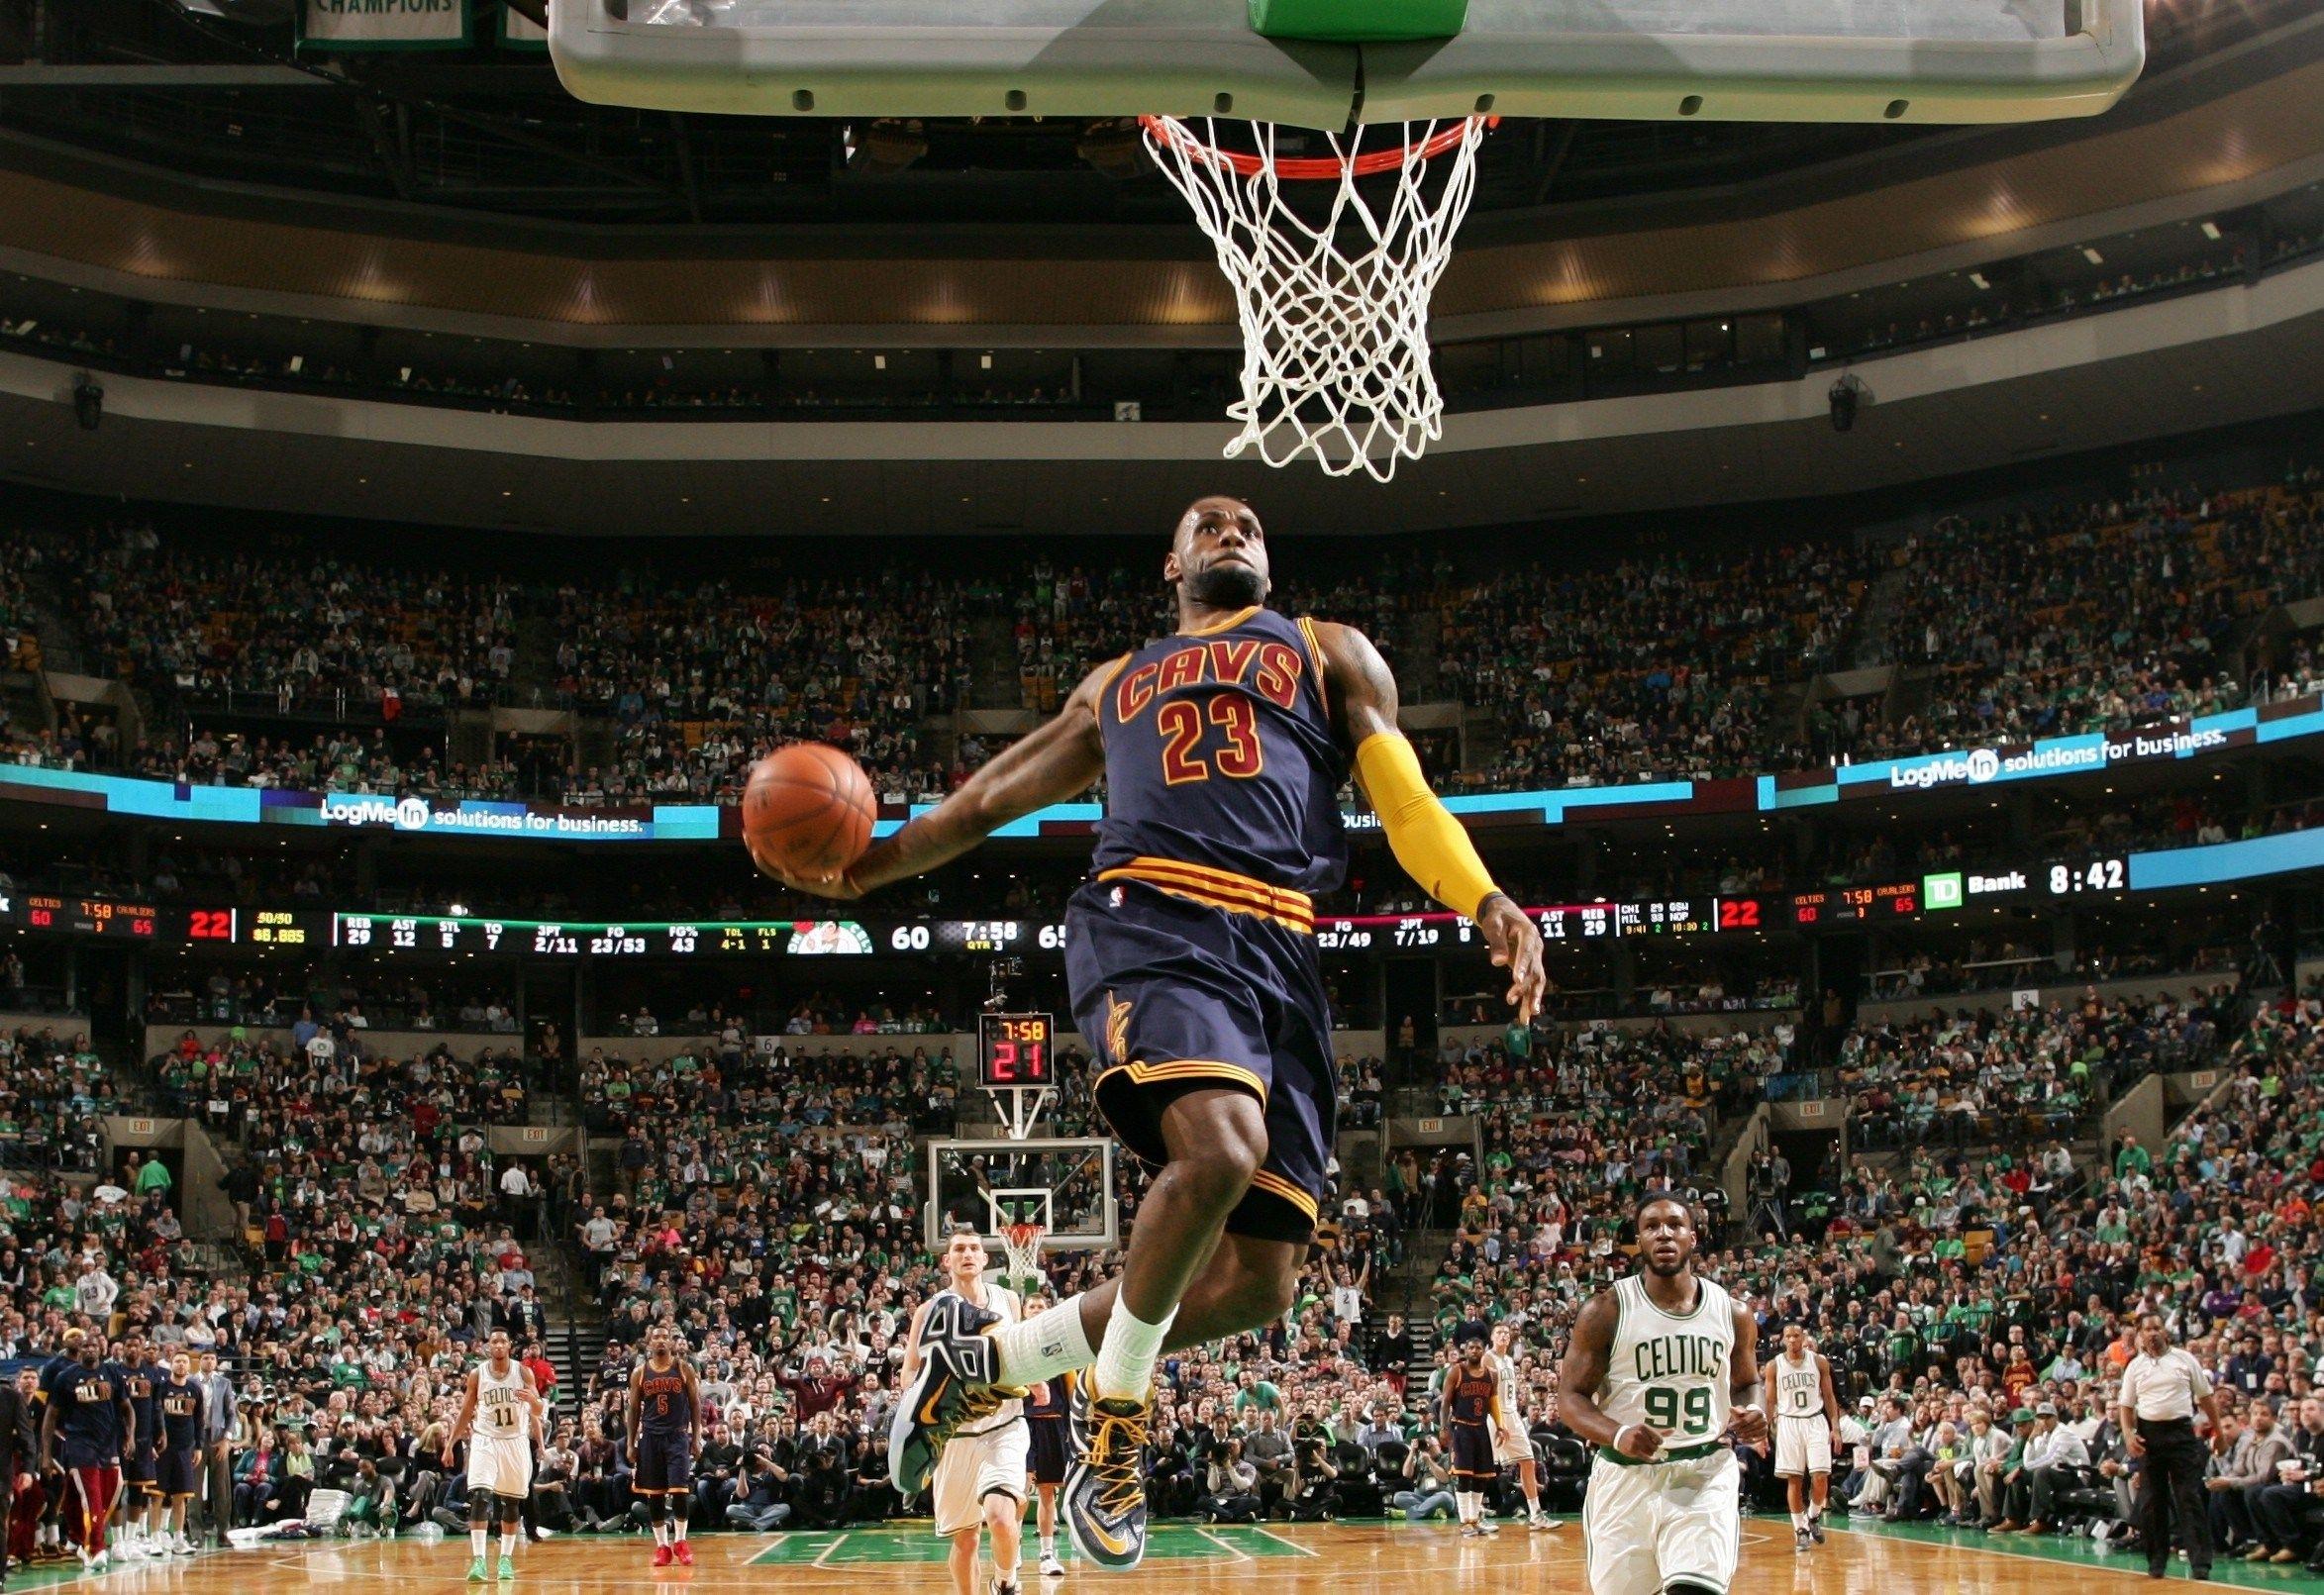 image for lebron james dunk wallpaper full hd #i14ev   basket :d